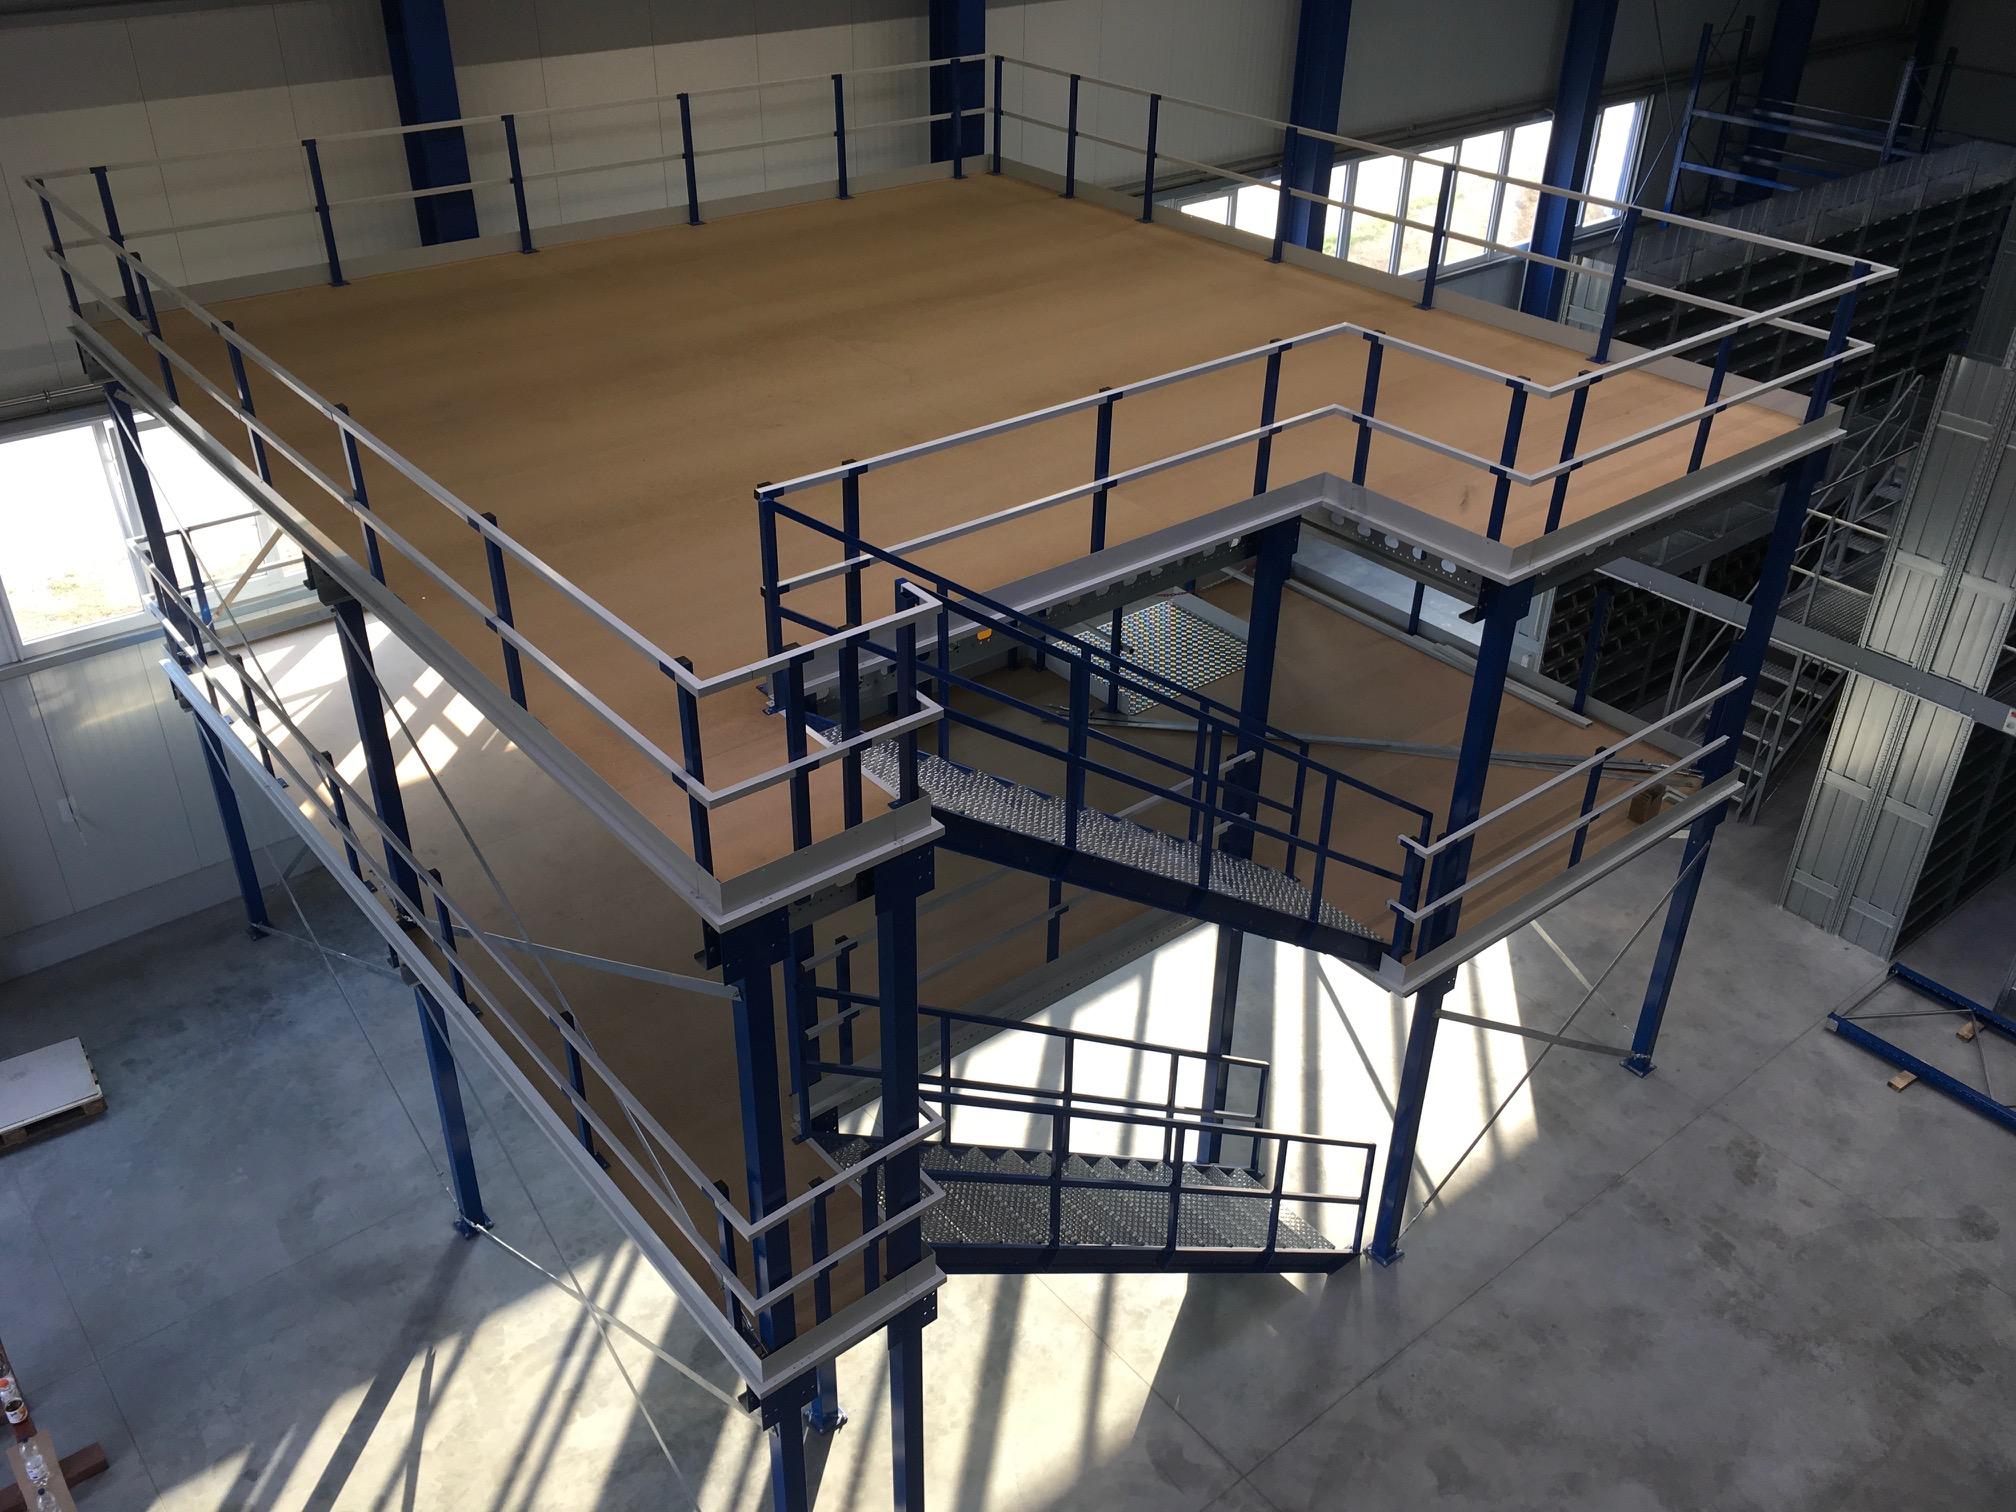 Entresolvloer tussenvloer verdiepingsvloermet meerdere verdiepingen